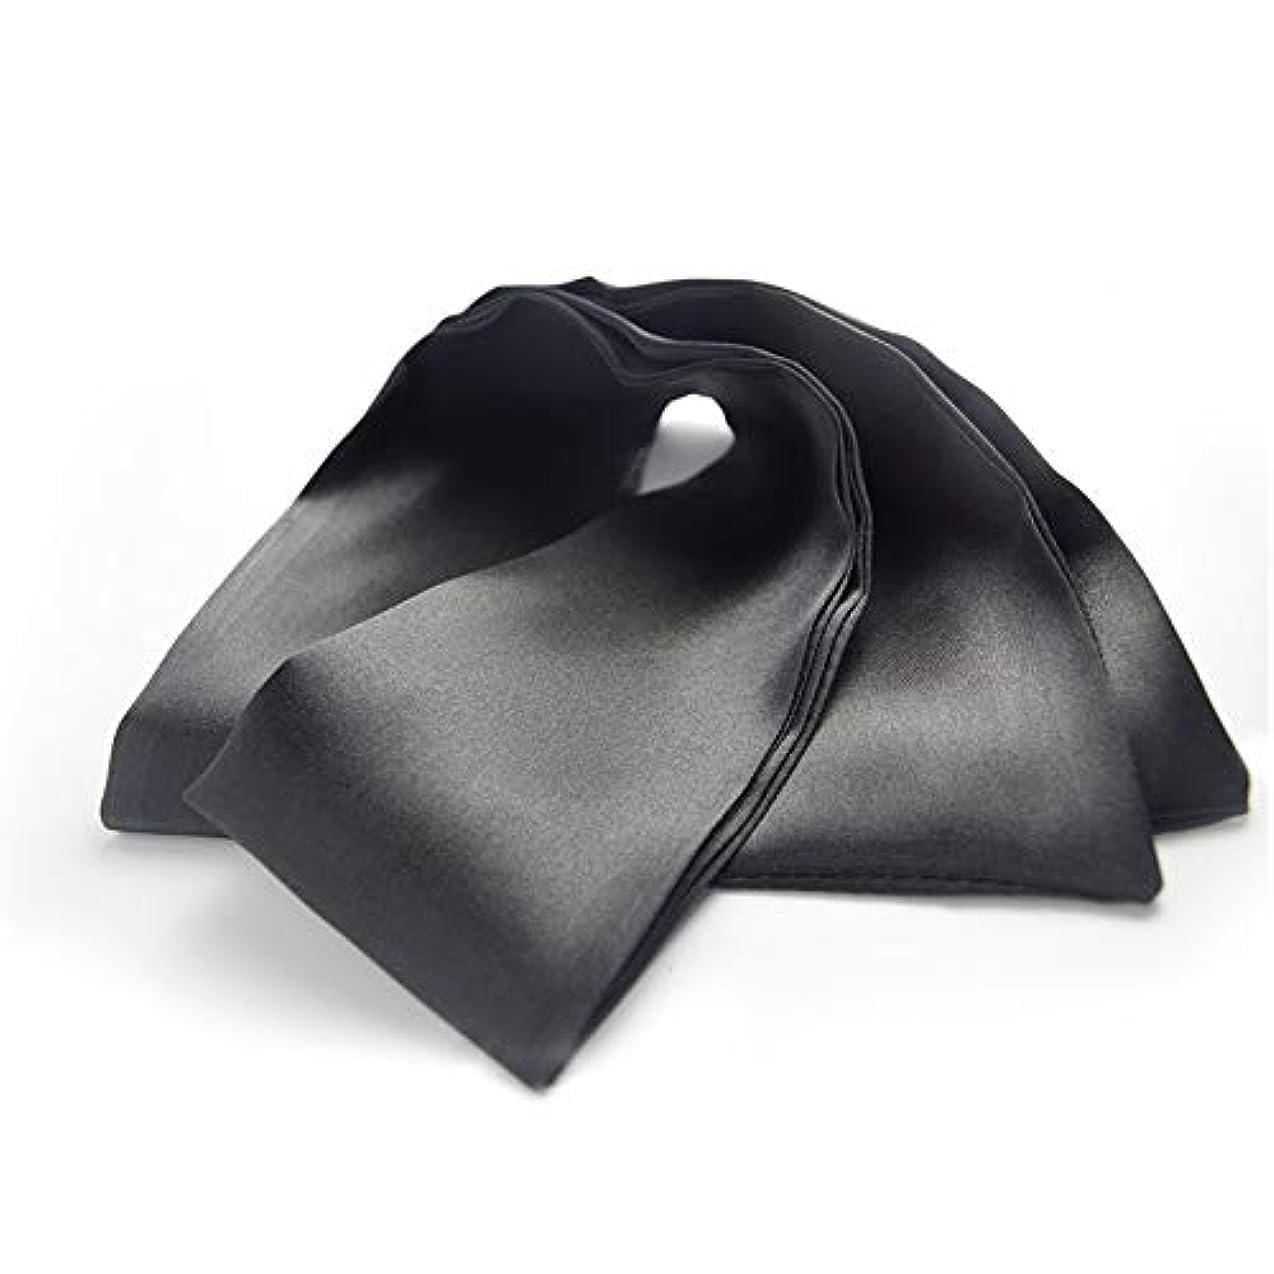 補償実行手を差し伸べるNOTE 高品質のスリープアイマスクサテンリボンソフトで快適なカバーアイパッチベルト目隠し用男性と女性